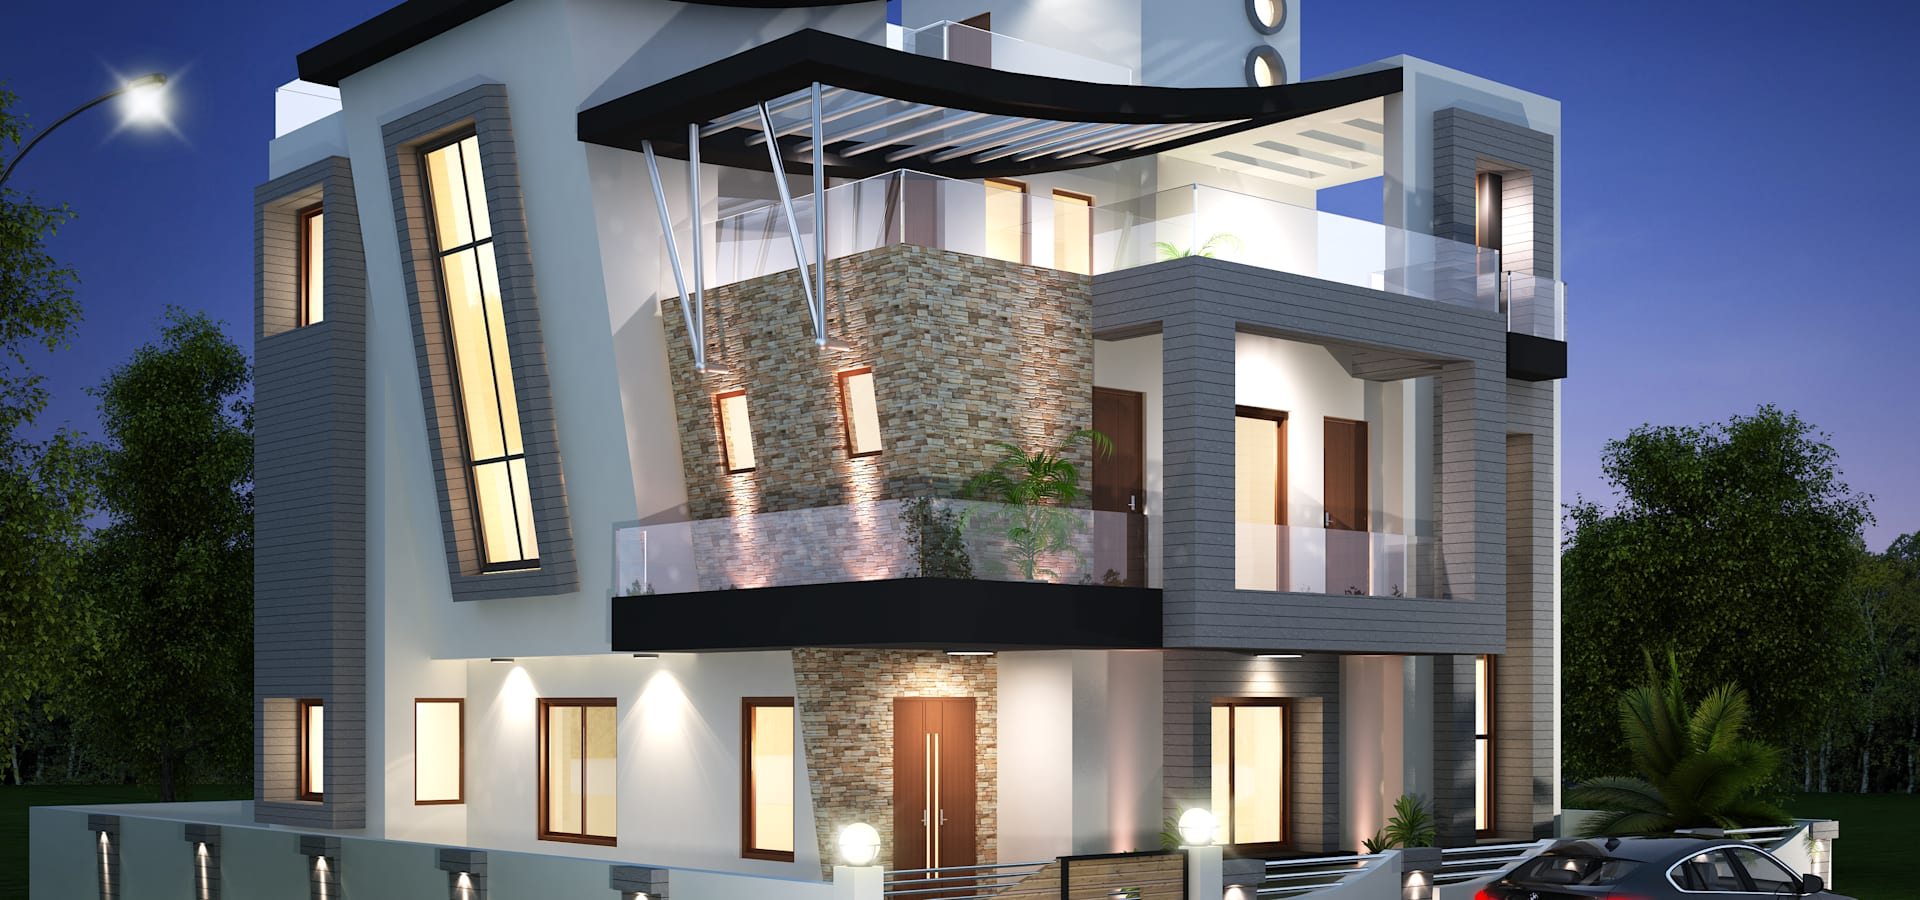 Square 9 Designs